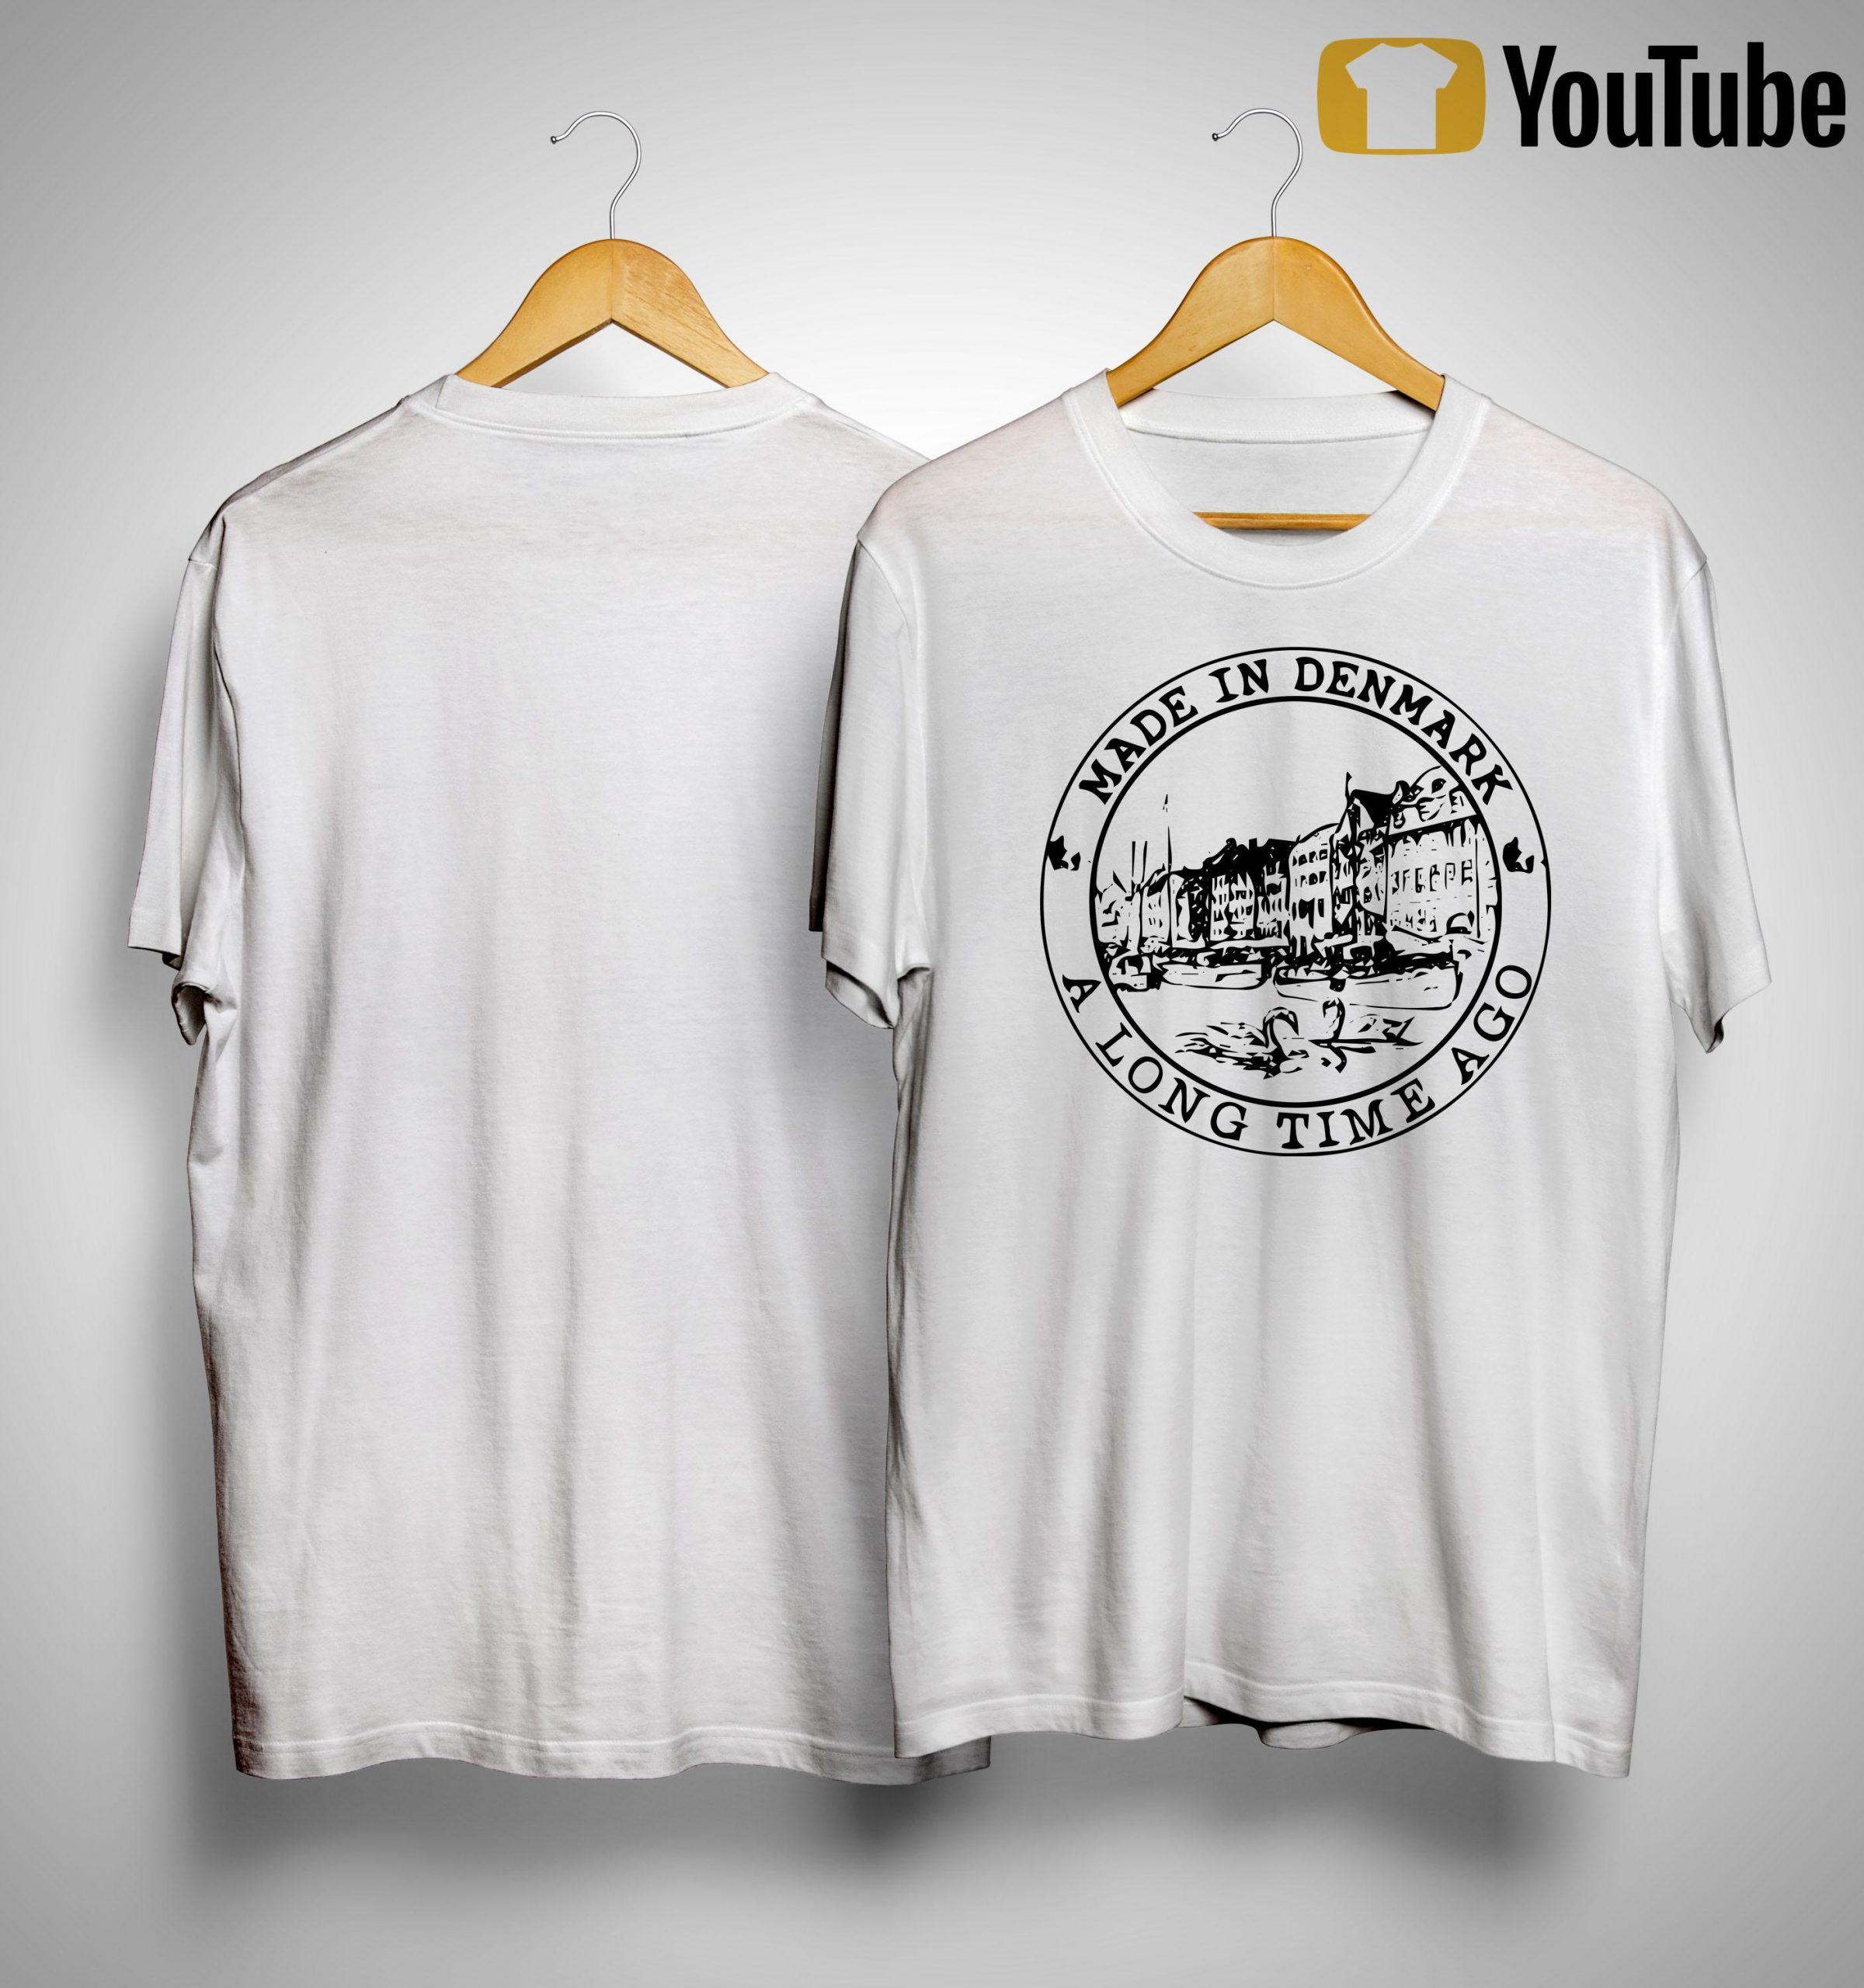 Made In Denmark A Long Time Ago Shirt